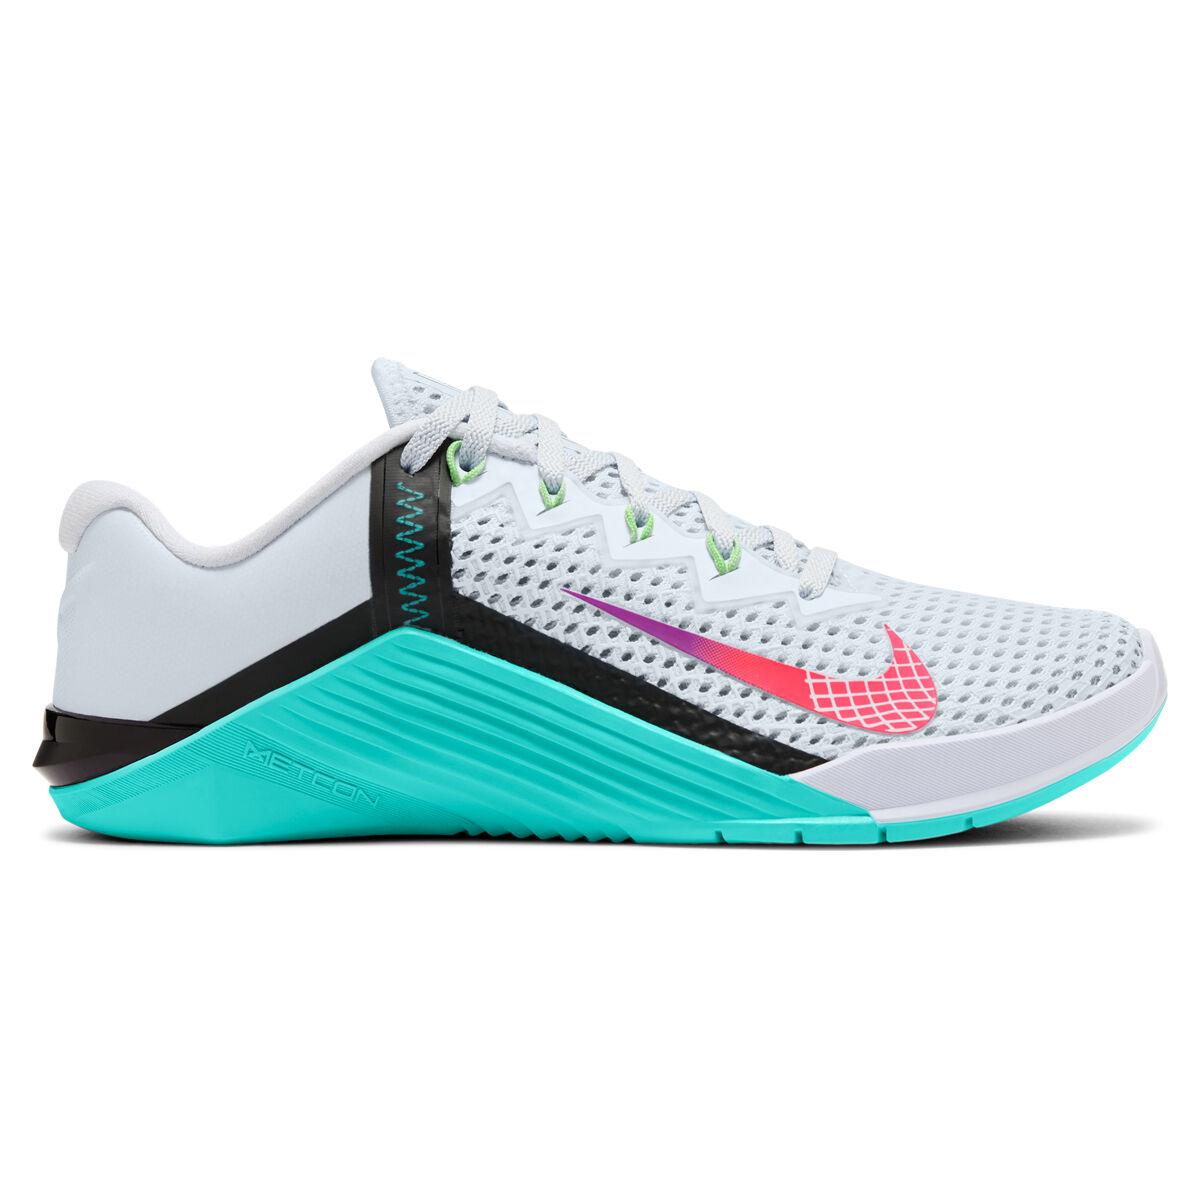 Nike Metcon 6 Womens Training Shoes